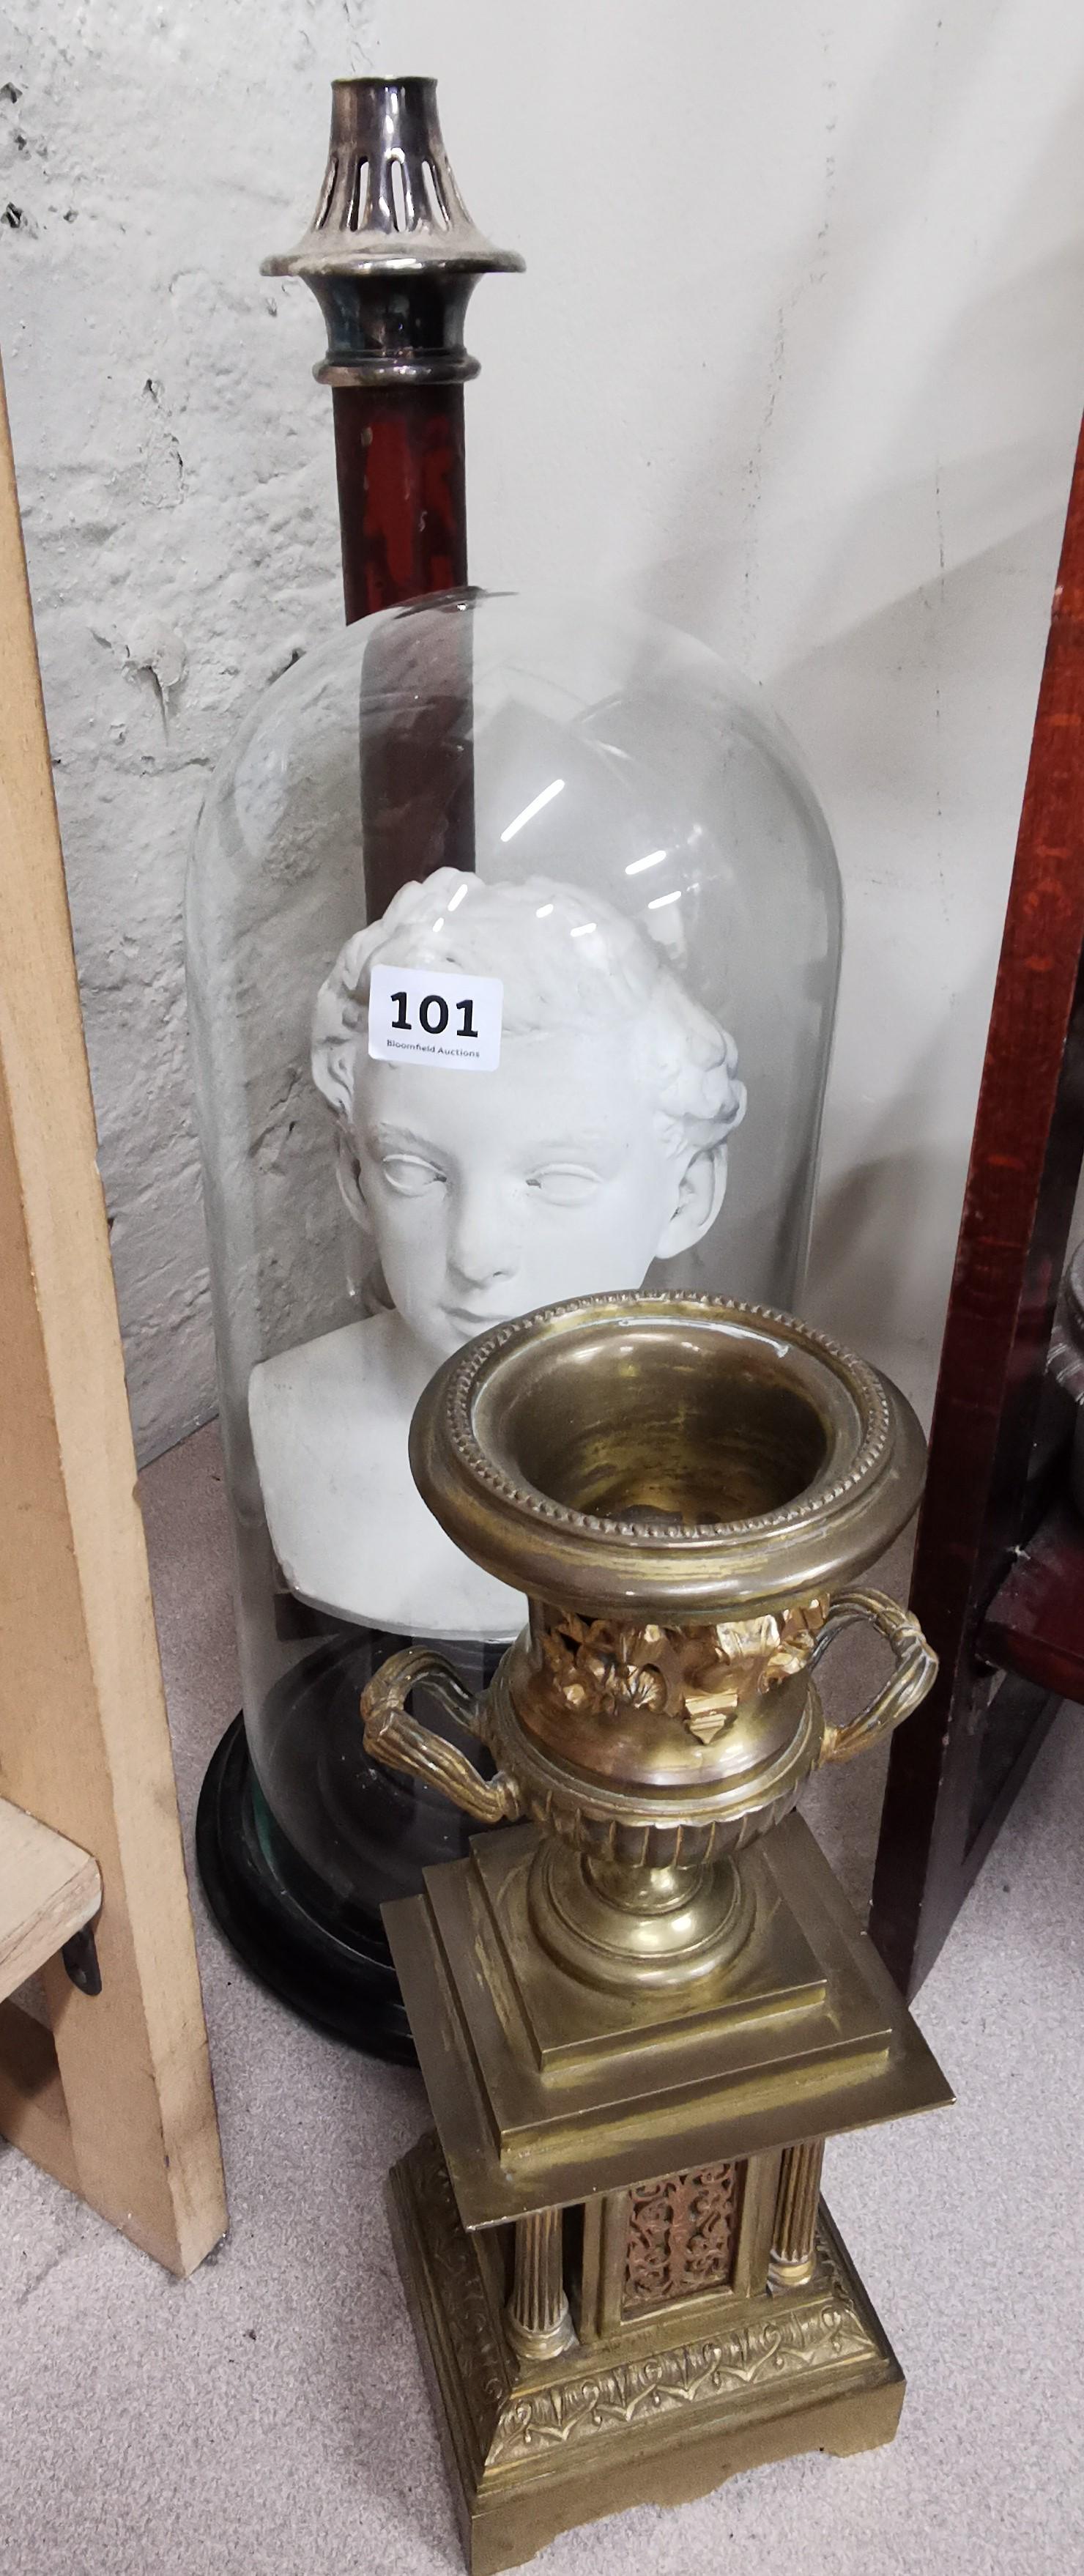 Lot 101 - BUST OF BOY UNDER GLASS, BRASS URN & CHURCH CANDLESTICK